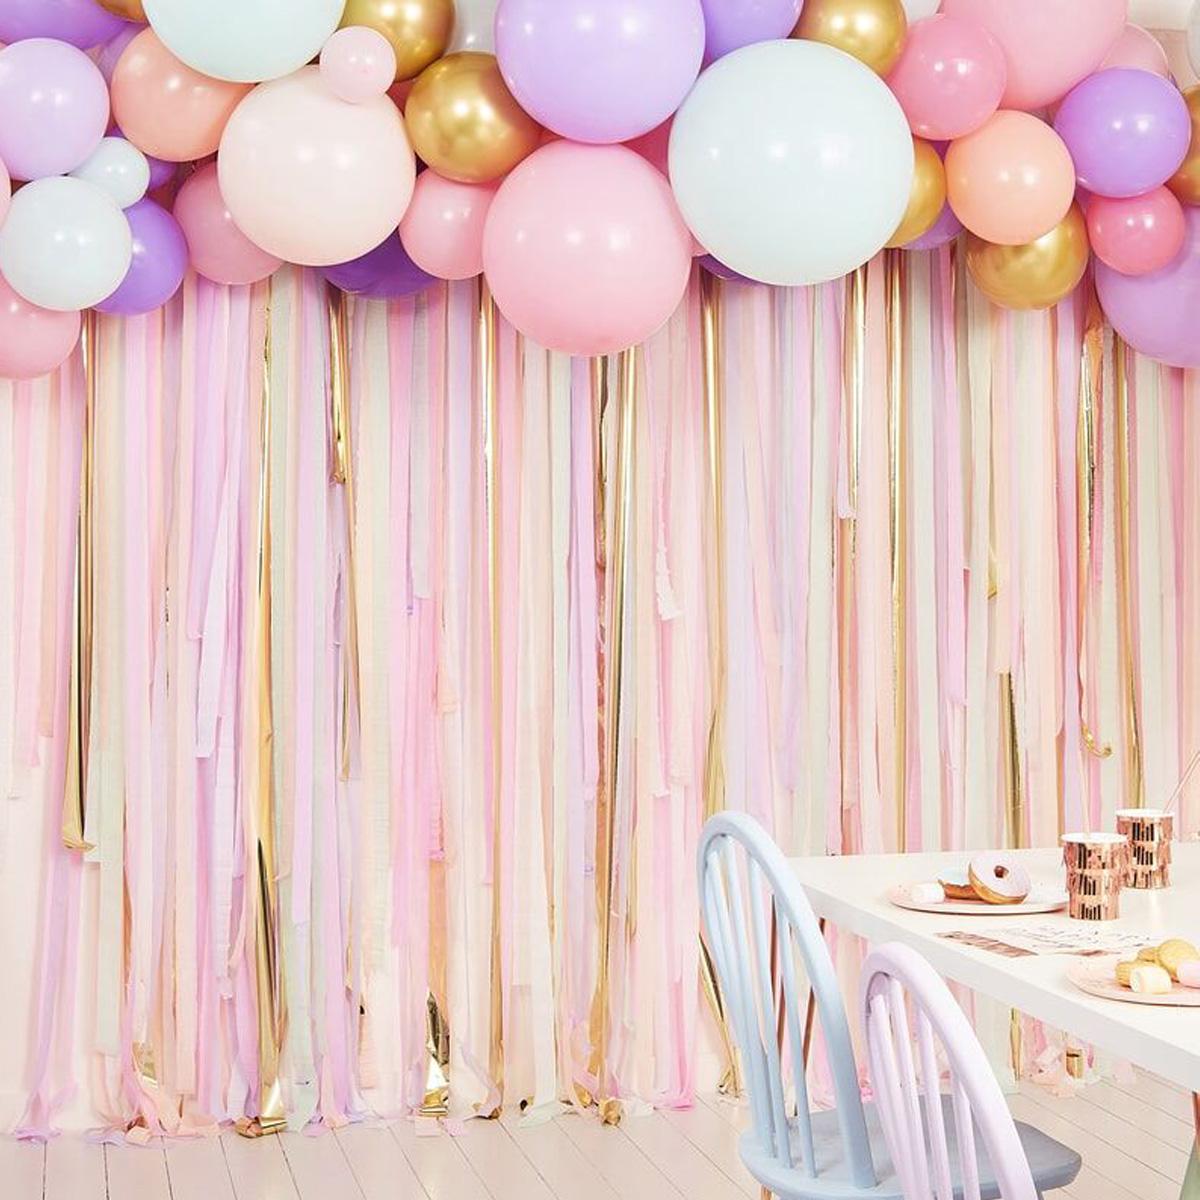 Ginger Ray Ballonbogen / Backdrop Pastel